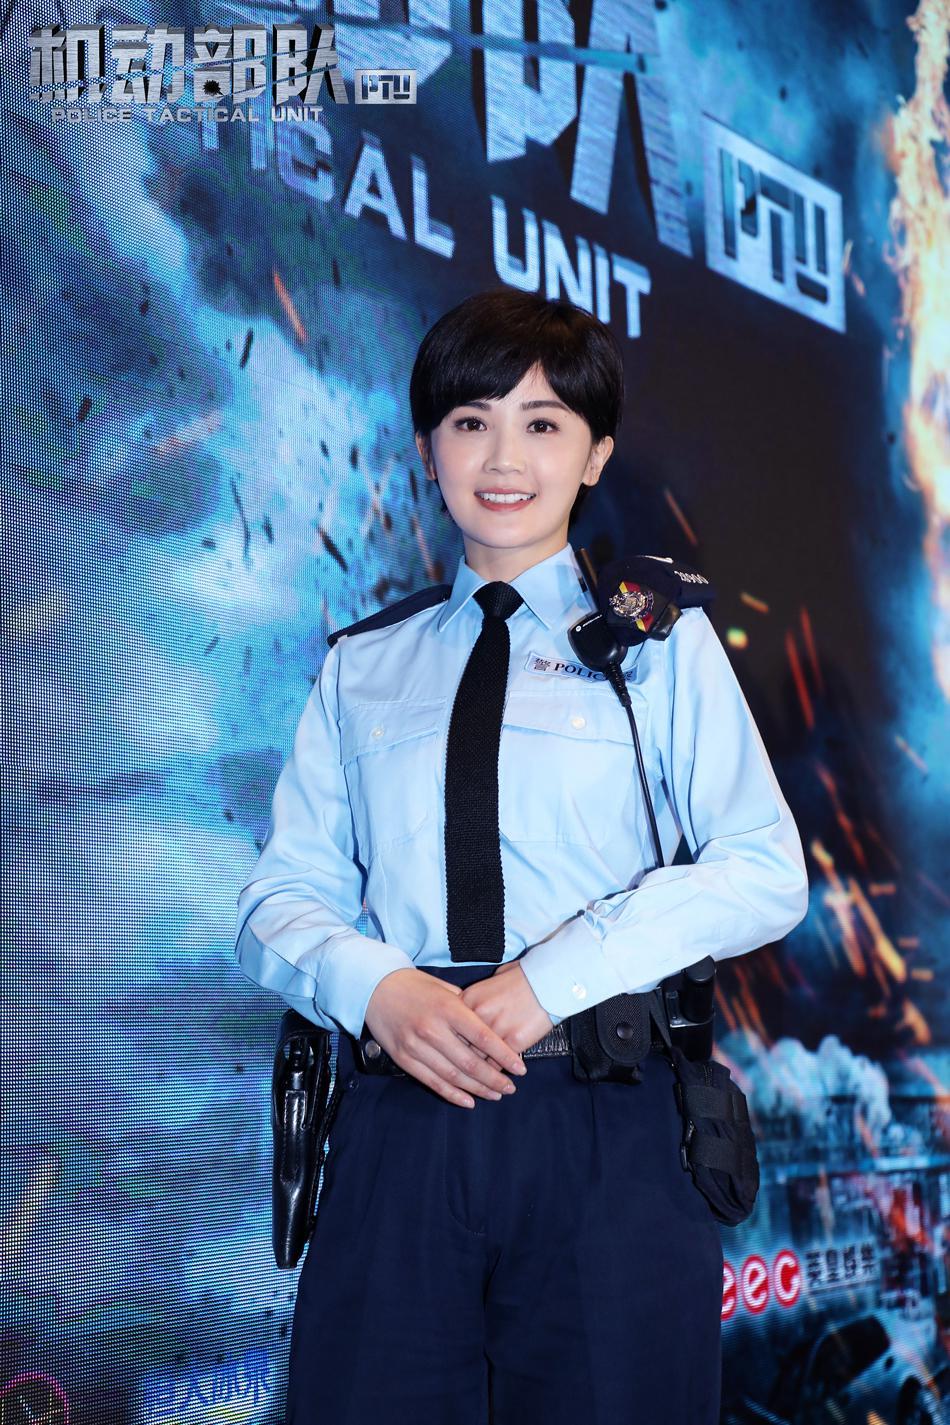 蔡卓妍身着PTU警员制服